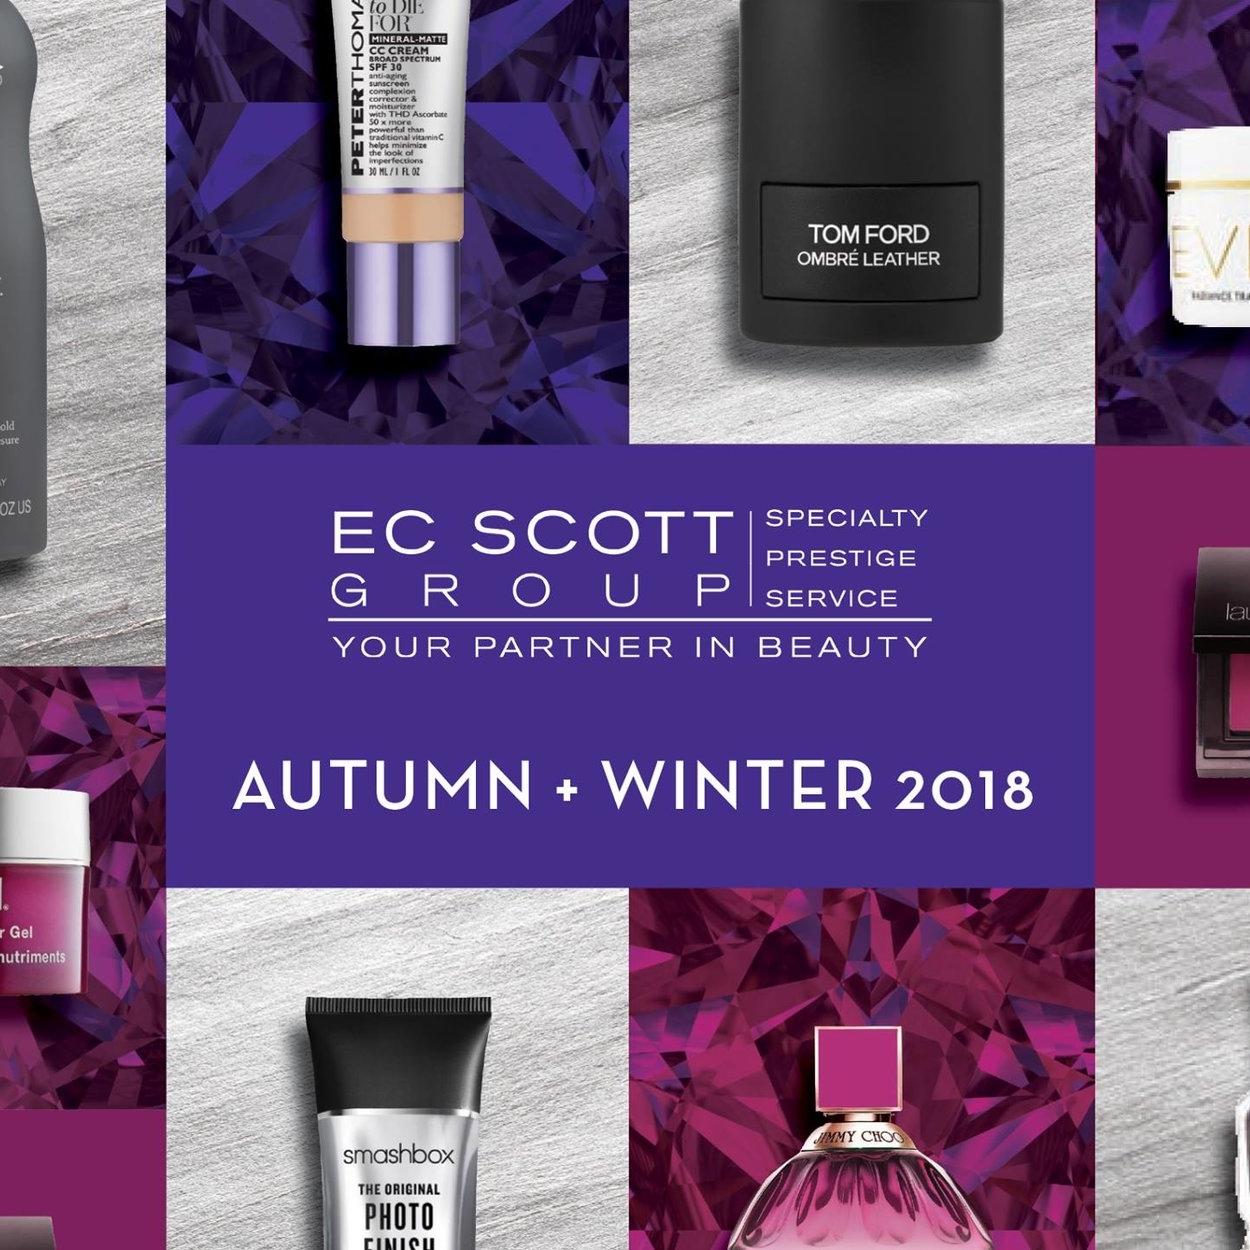 EC Scott Group - In Launch Now!